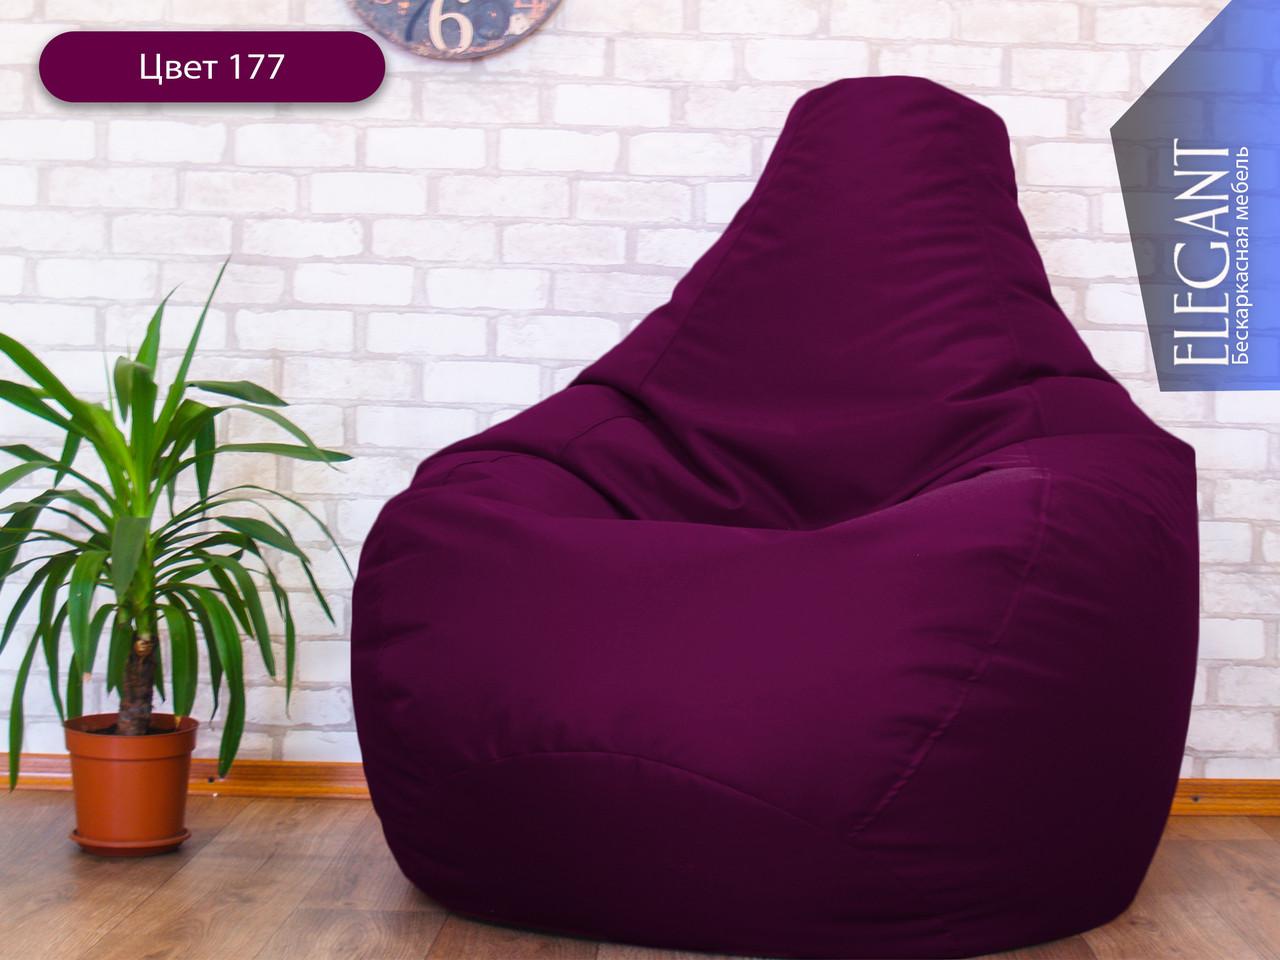 Кресло мешок, бескаркасное кресло Груша ХЛ, зеленое ХХL130*90 см, бордо 177